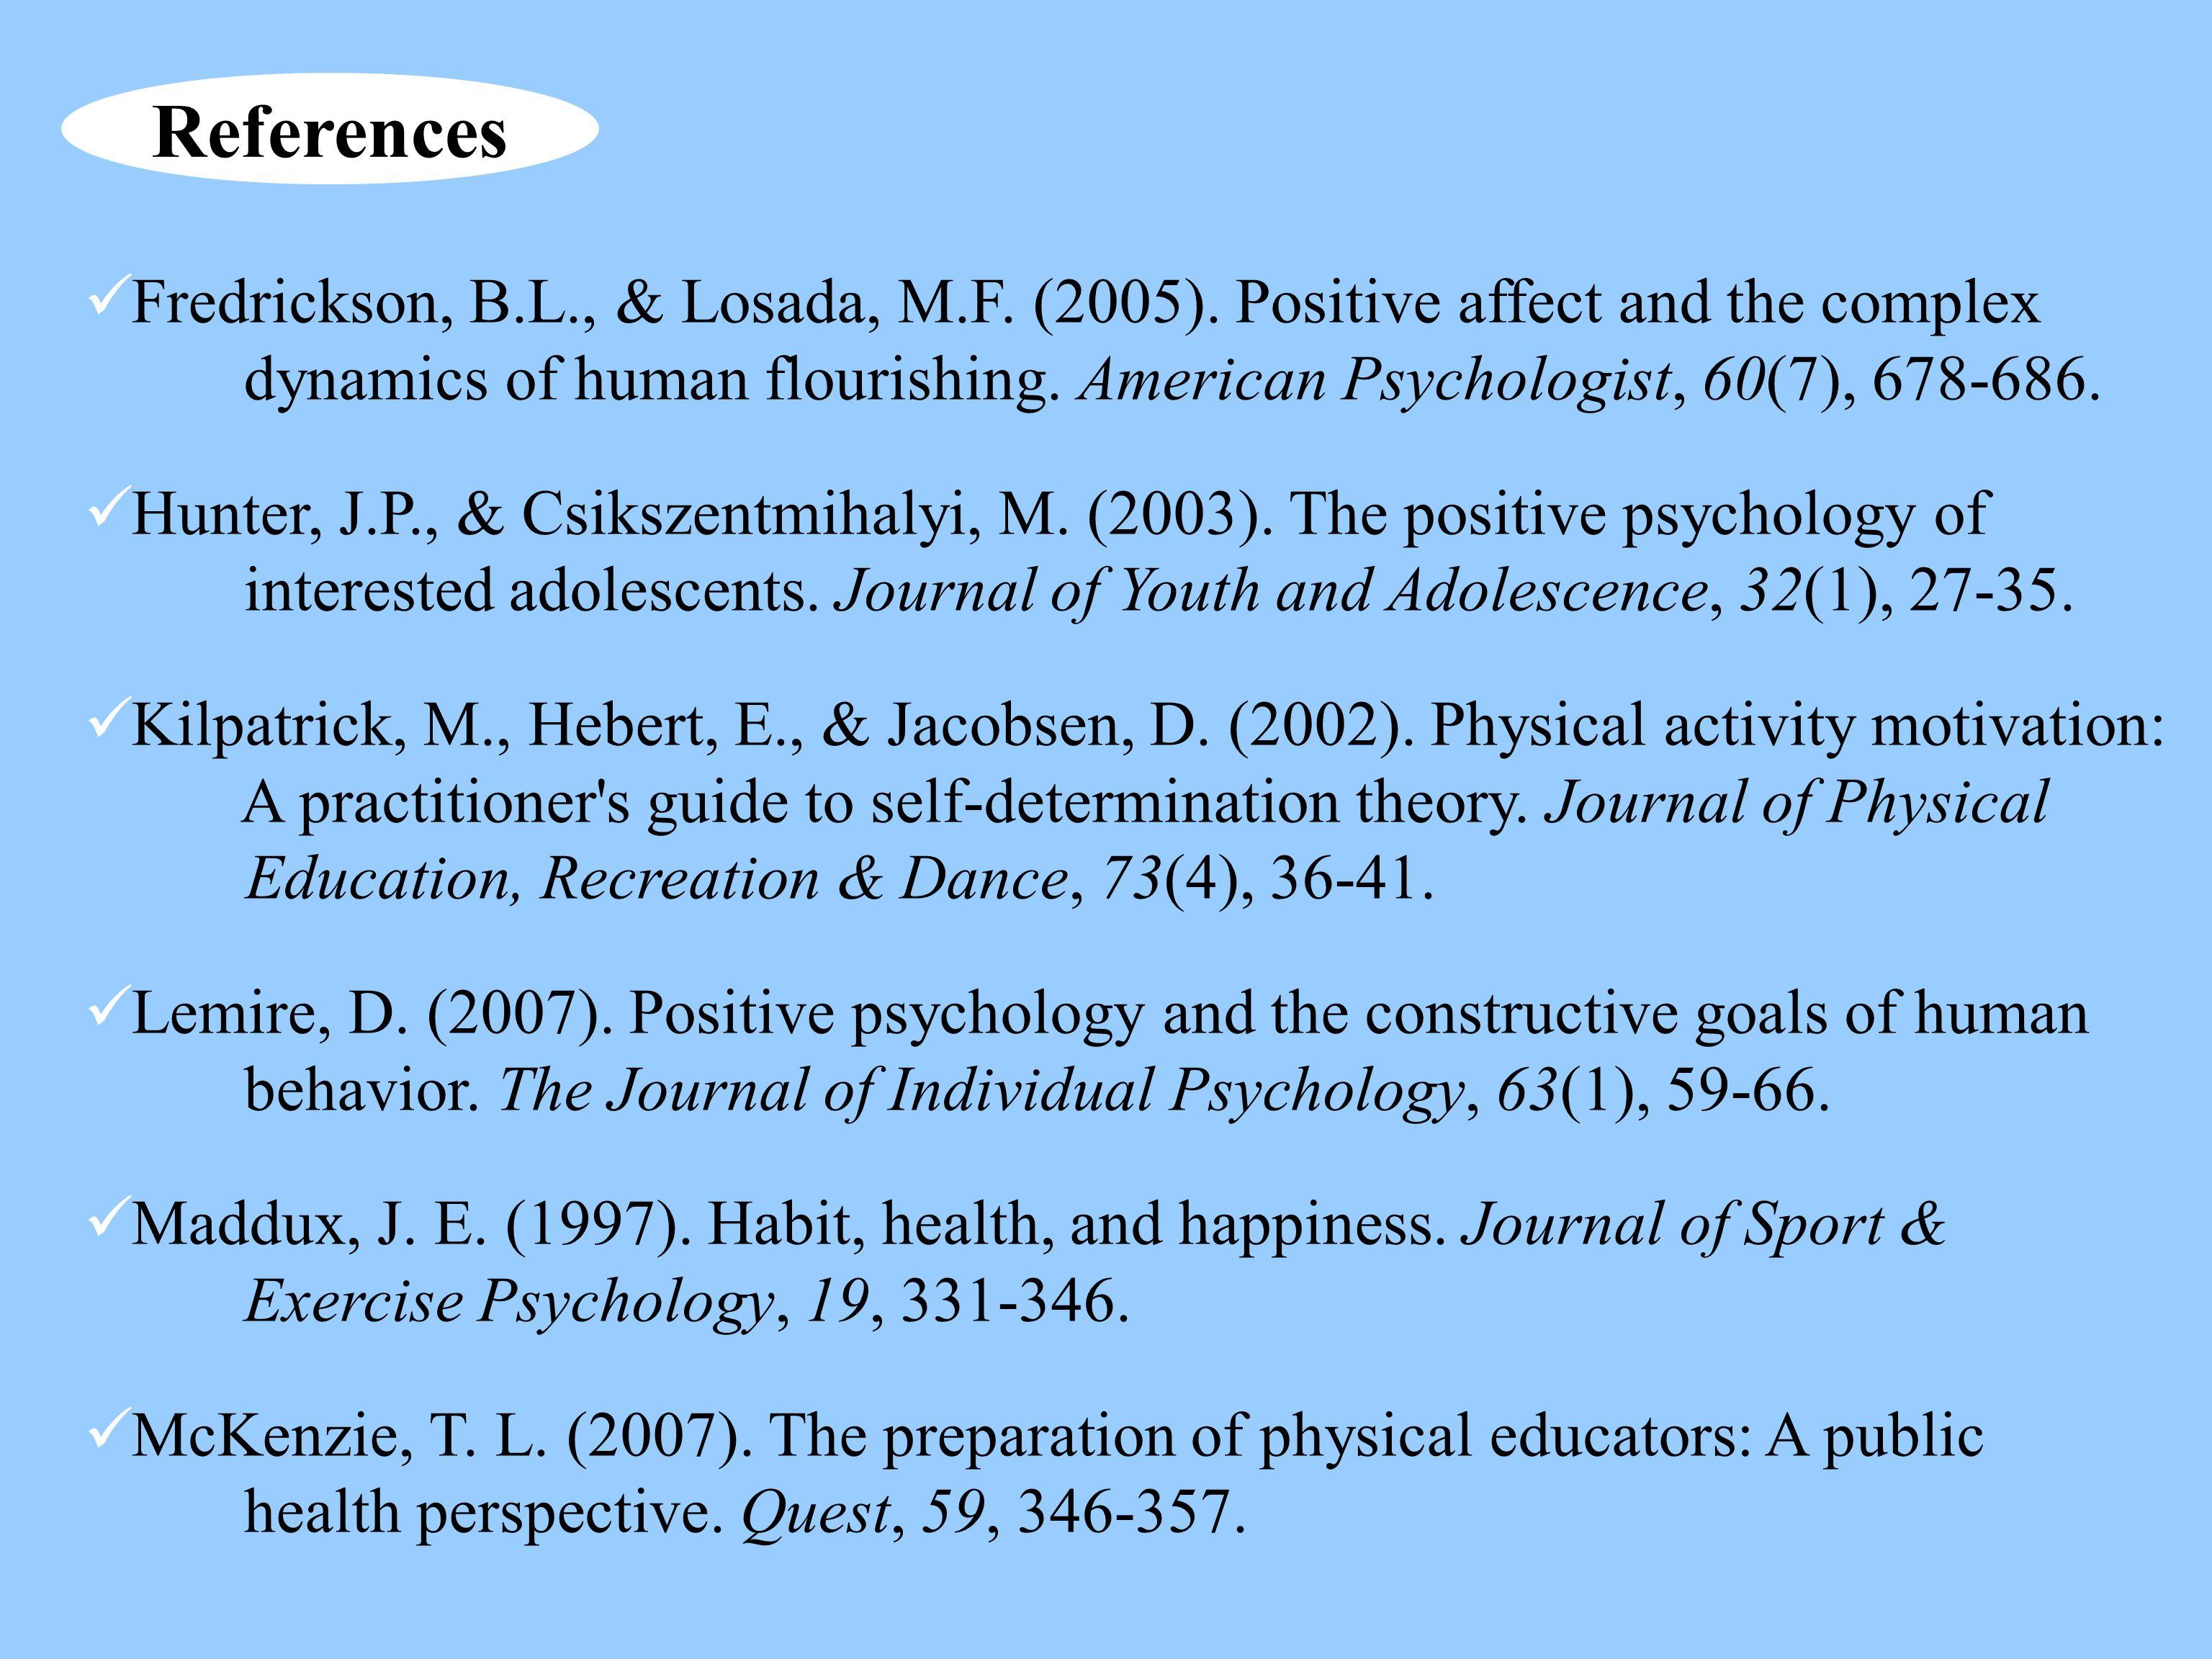 Fredrickson, B.L., & Losada, M.F. (2005).